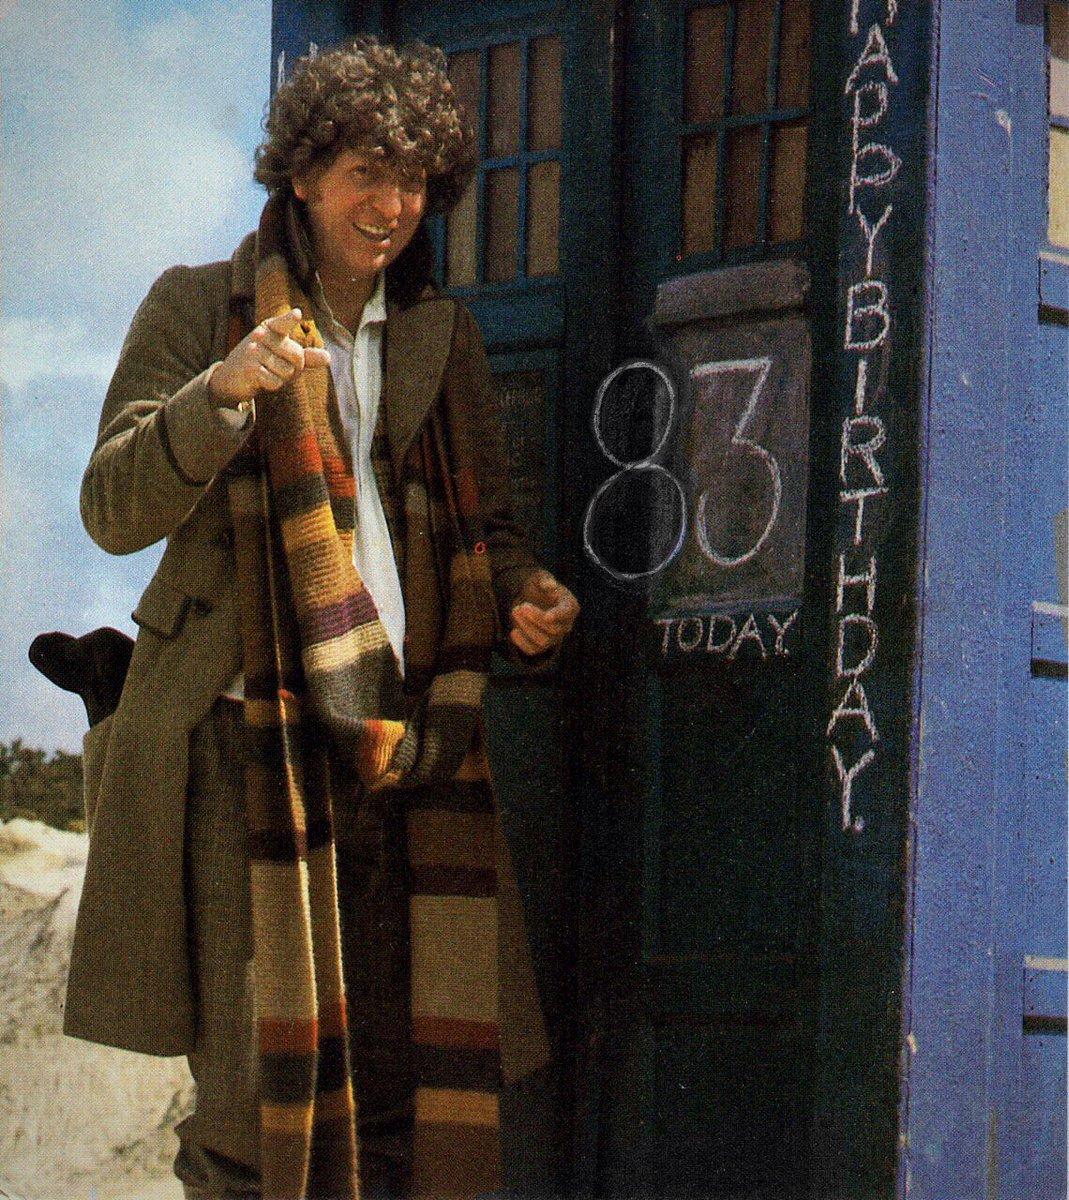 Happy Birthday to #DoctorWho legend Tom Baker. He's indomitable. Indomitable. https://t.co/Kv08I2tzIQ